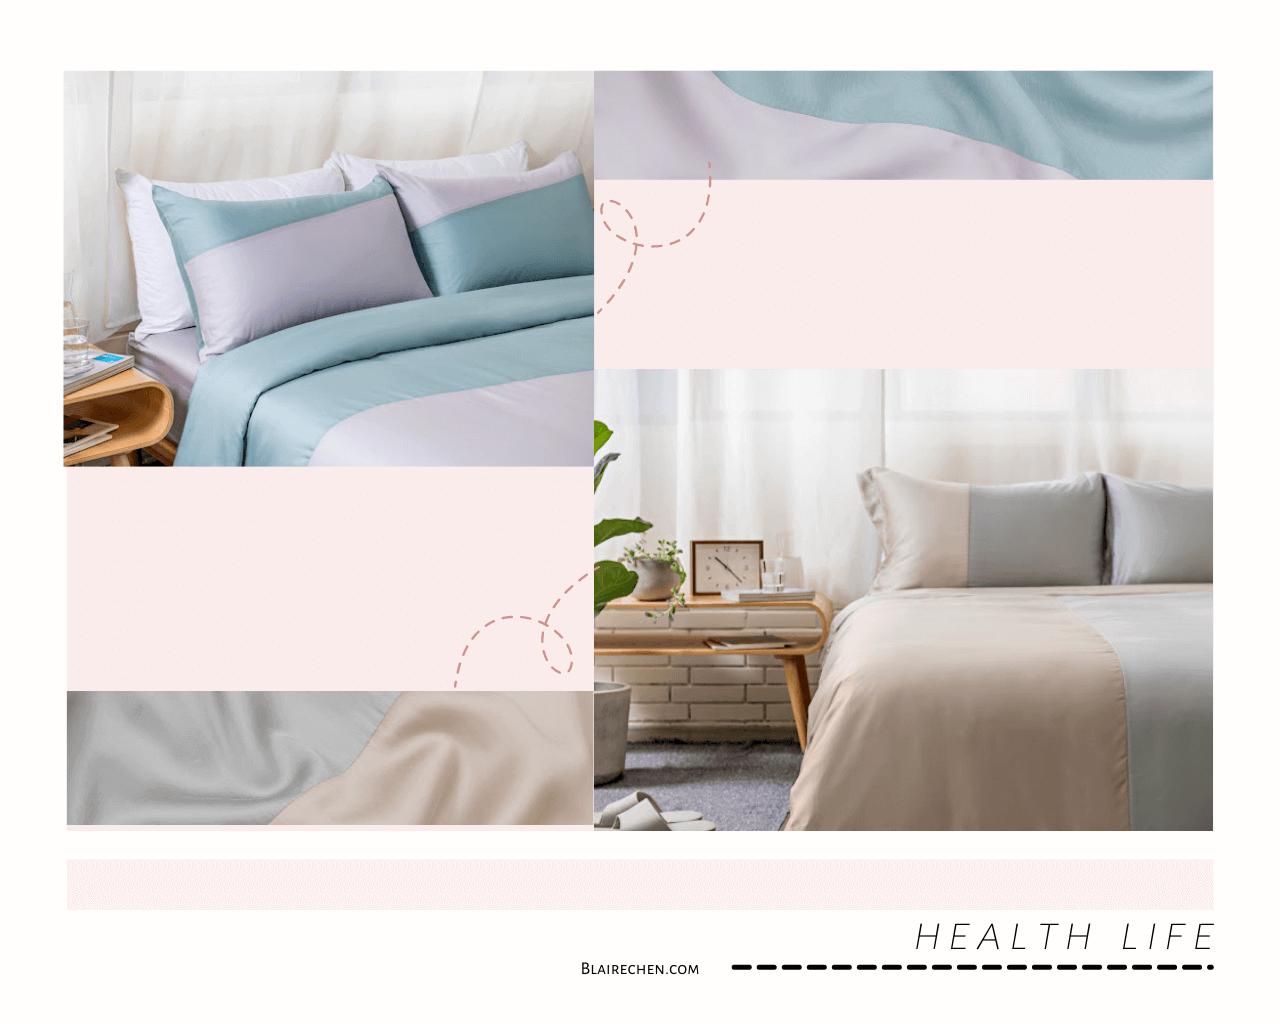 床,是最有安全感的地方!合隆羽藏的寢具,親膚的像情人擁抱,不只質感高級、更充滿愛的溫度!